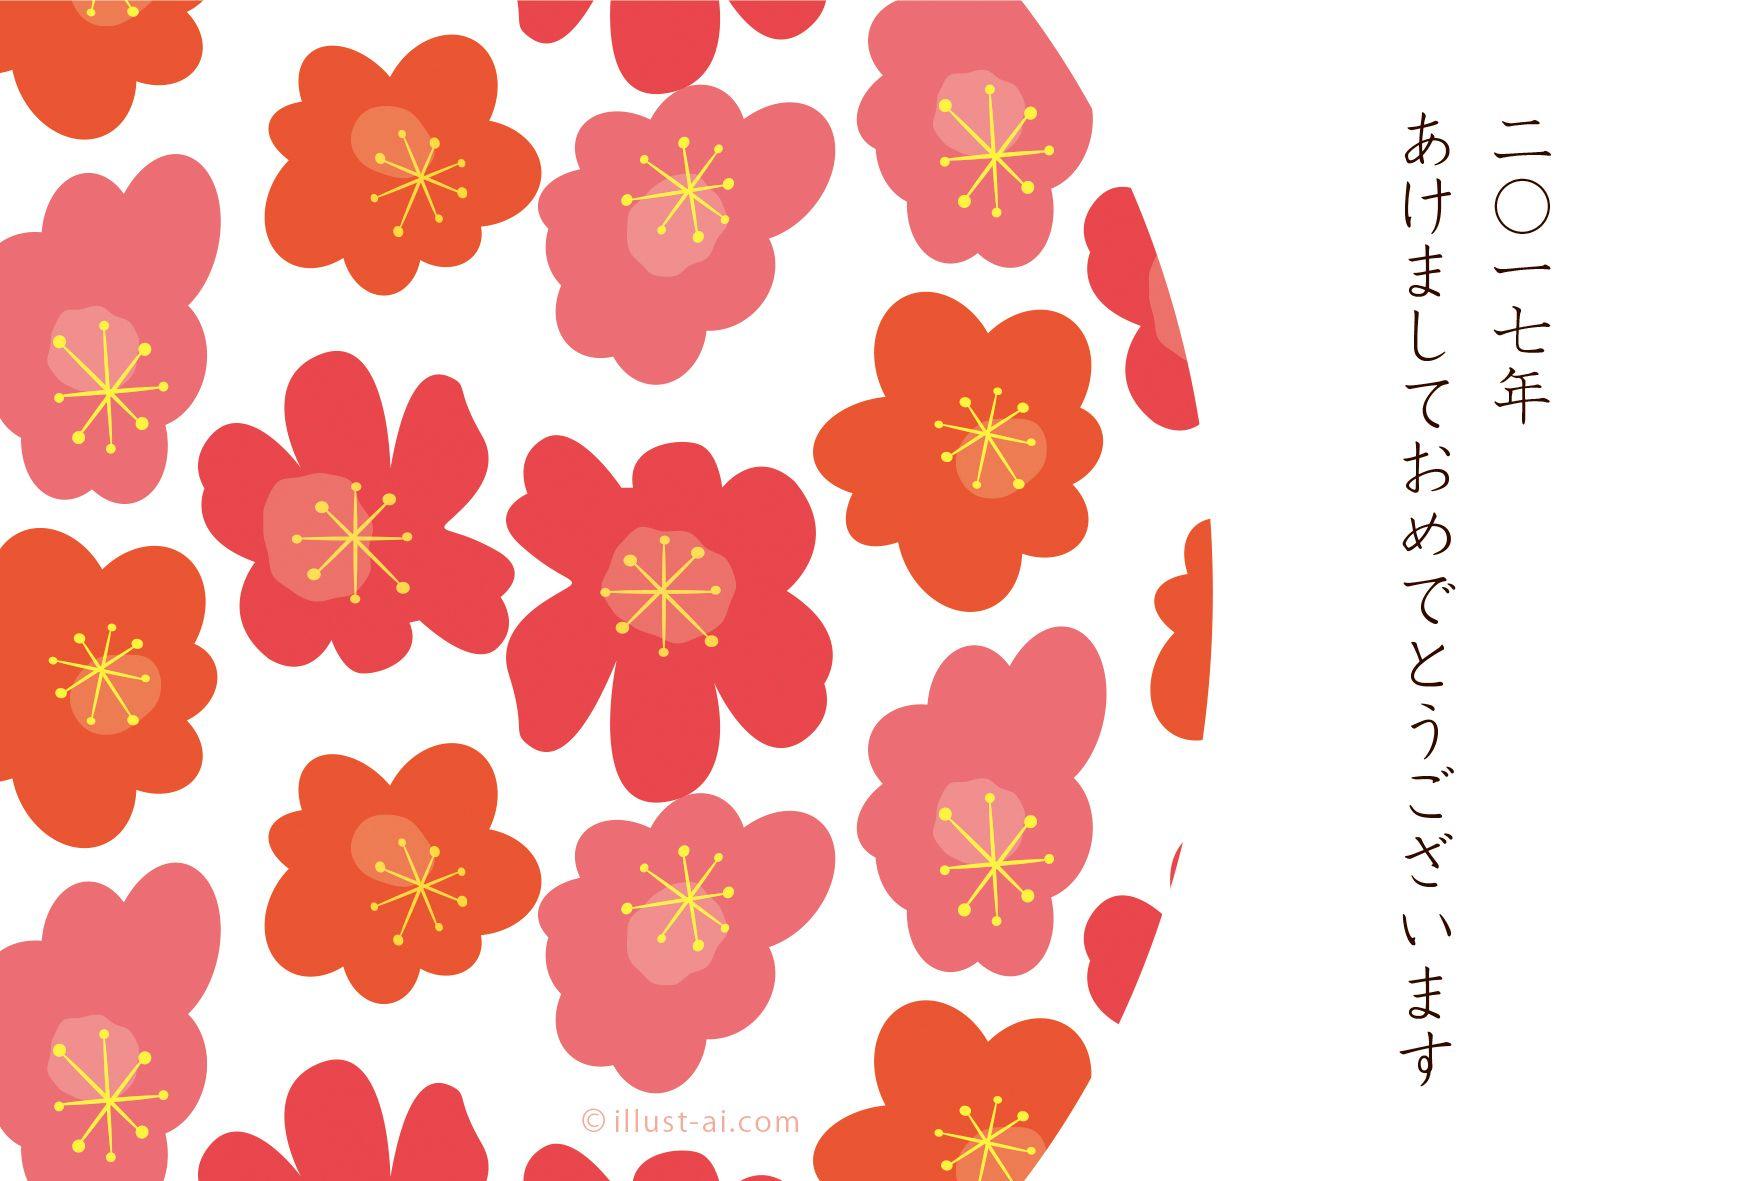 梅の花をマリメッコ風にデザインしたテンプレート 年賀状 2017 人気